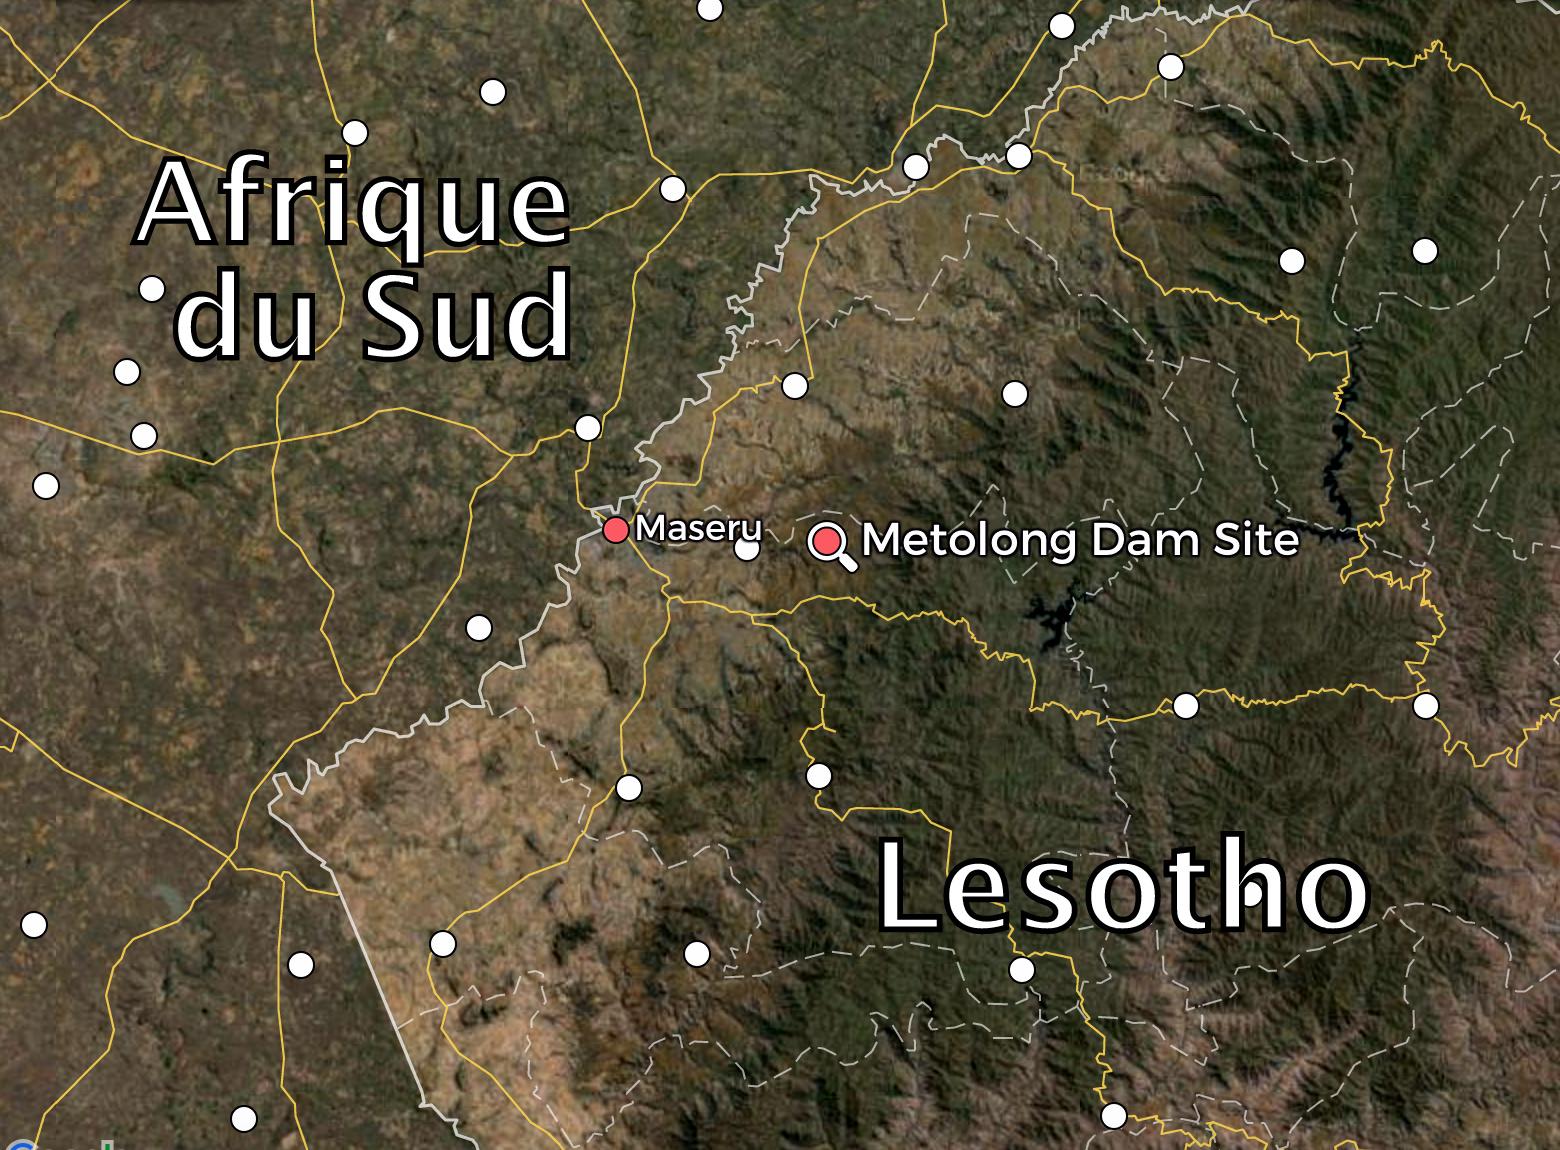 Origine : mapcarta.com